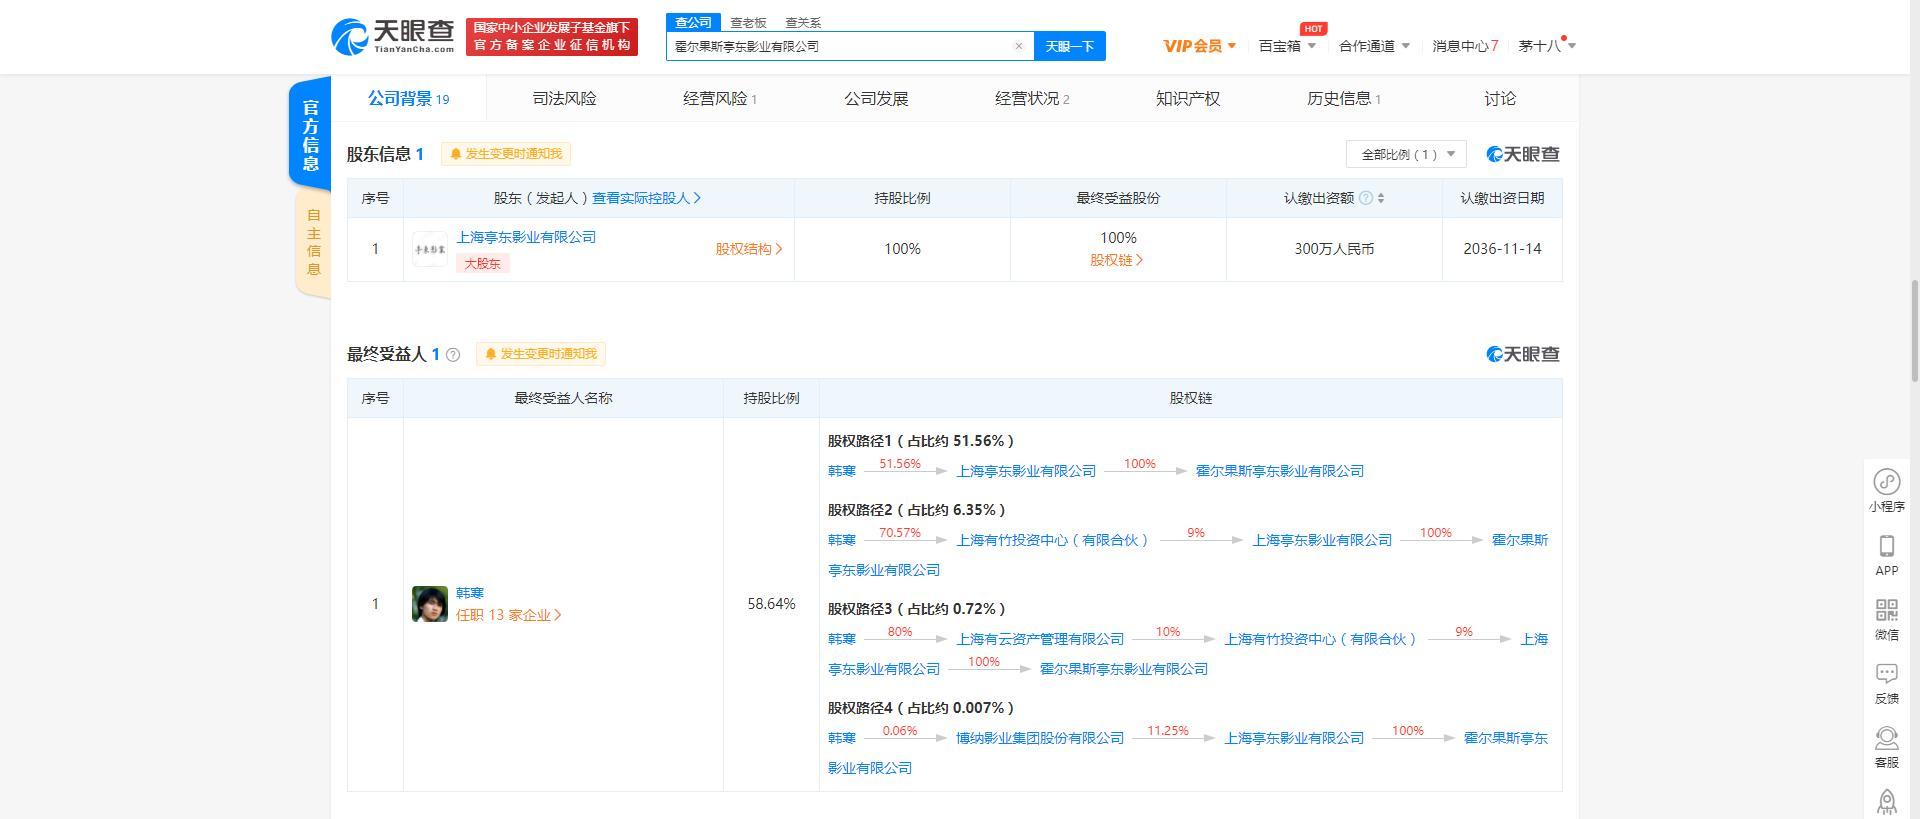 霍尔果斯亭东影业有限公司注销 最终受益人为韩寒